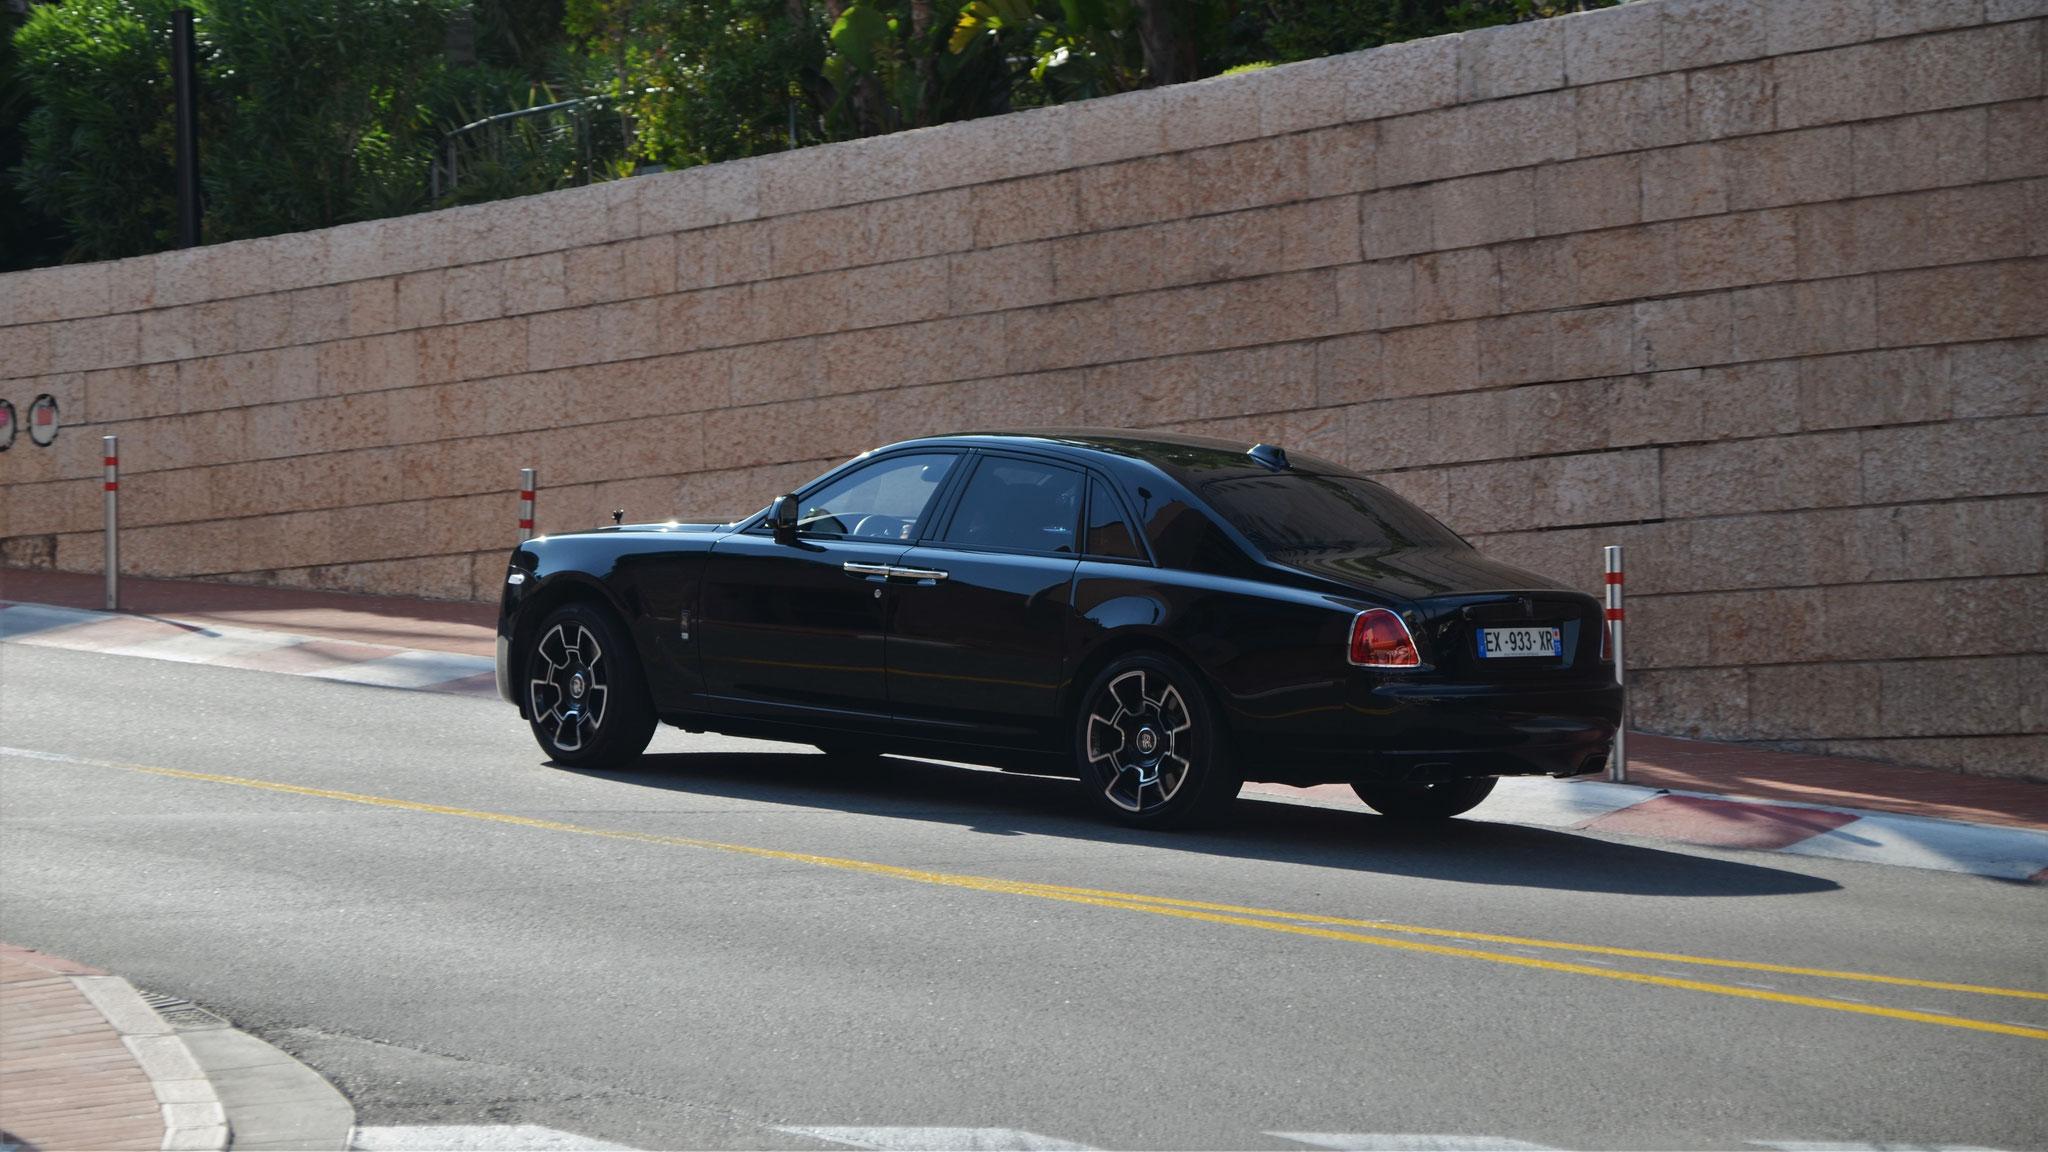 Rolls Royce Ghost Series II Black Badge - EX-933-XR-75 (FRA)